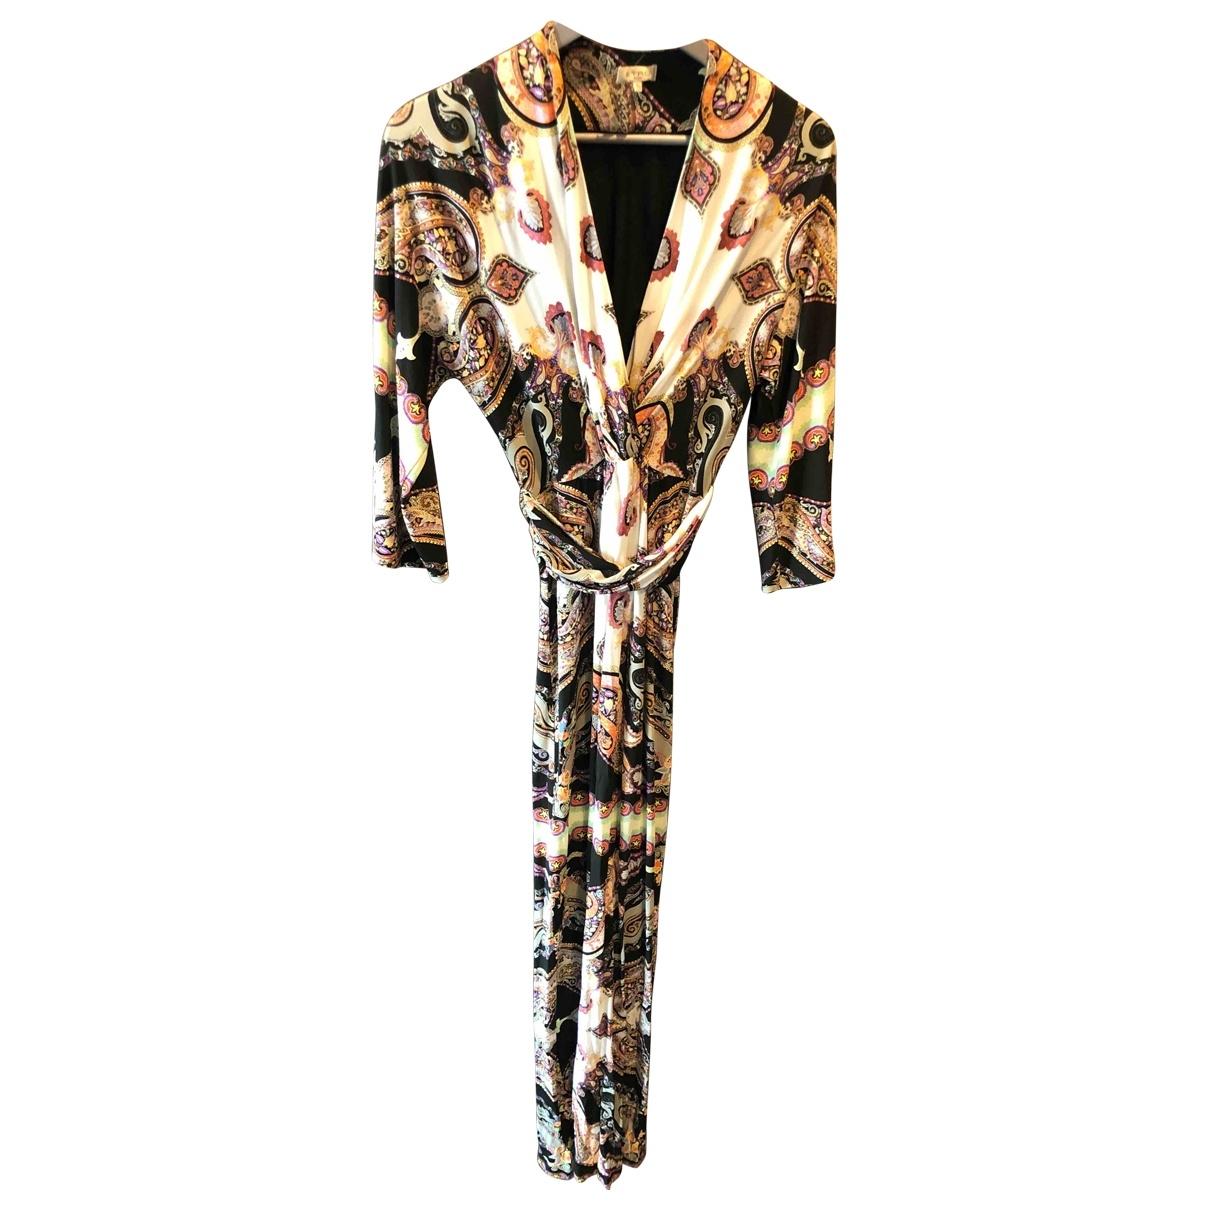 Etro \N Brown dress for Women 40 IT